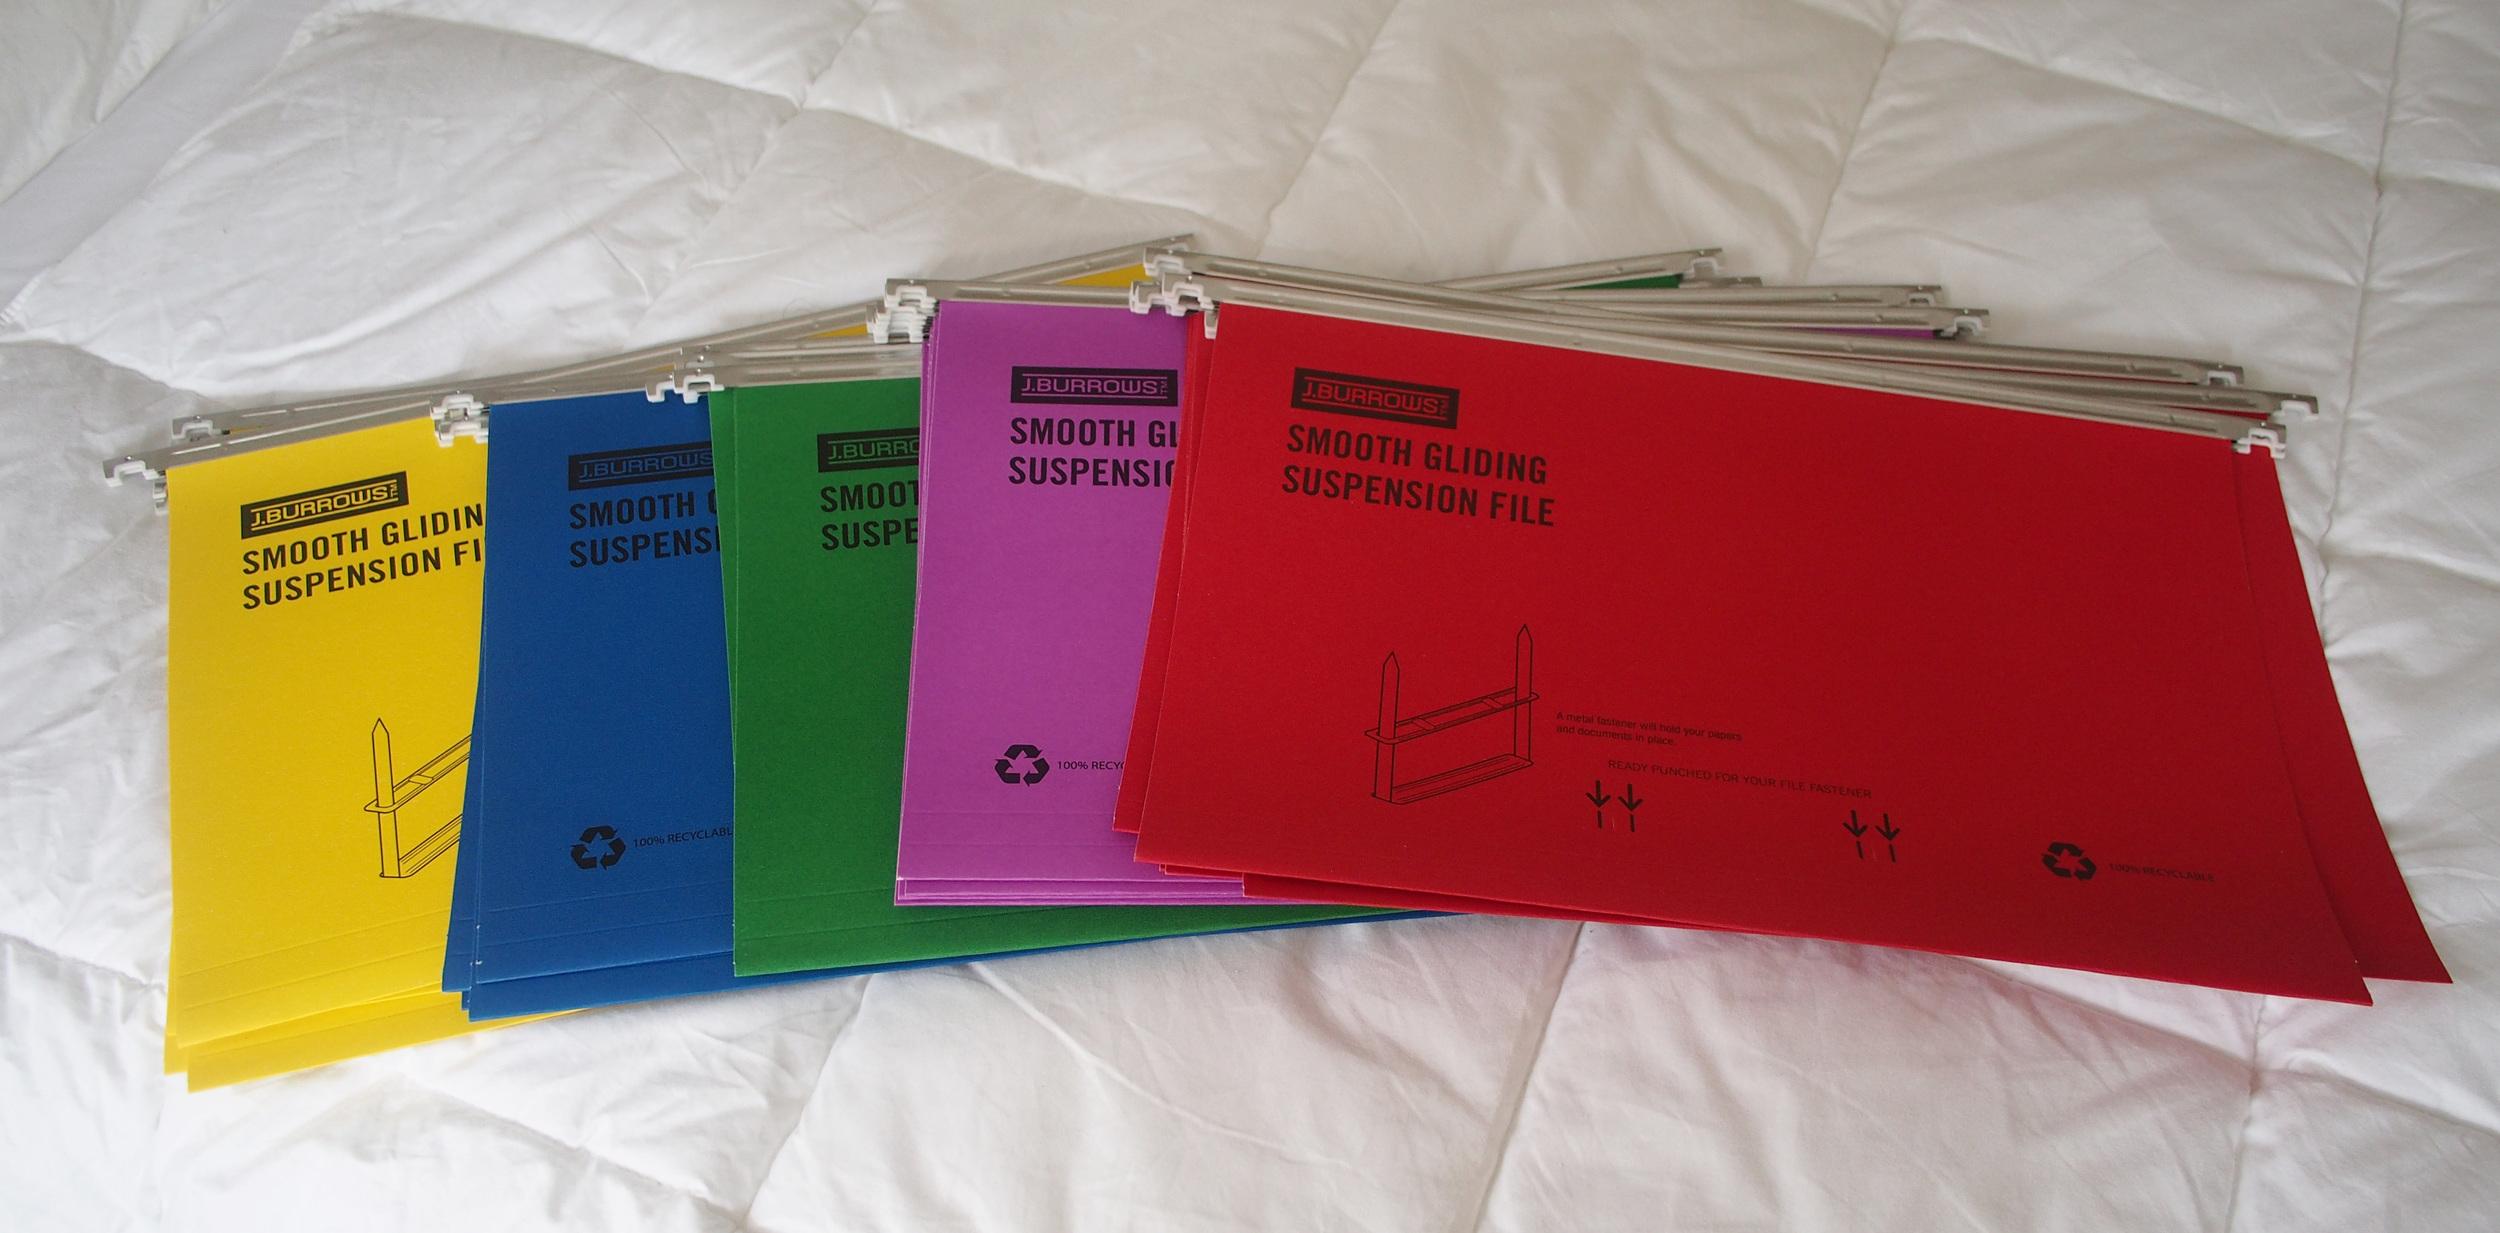 files for organising paperwork